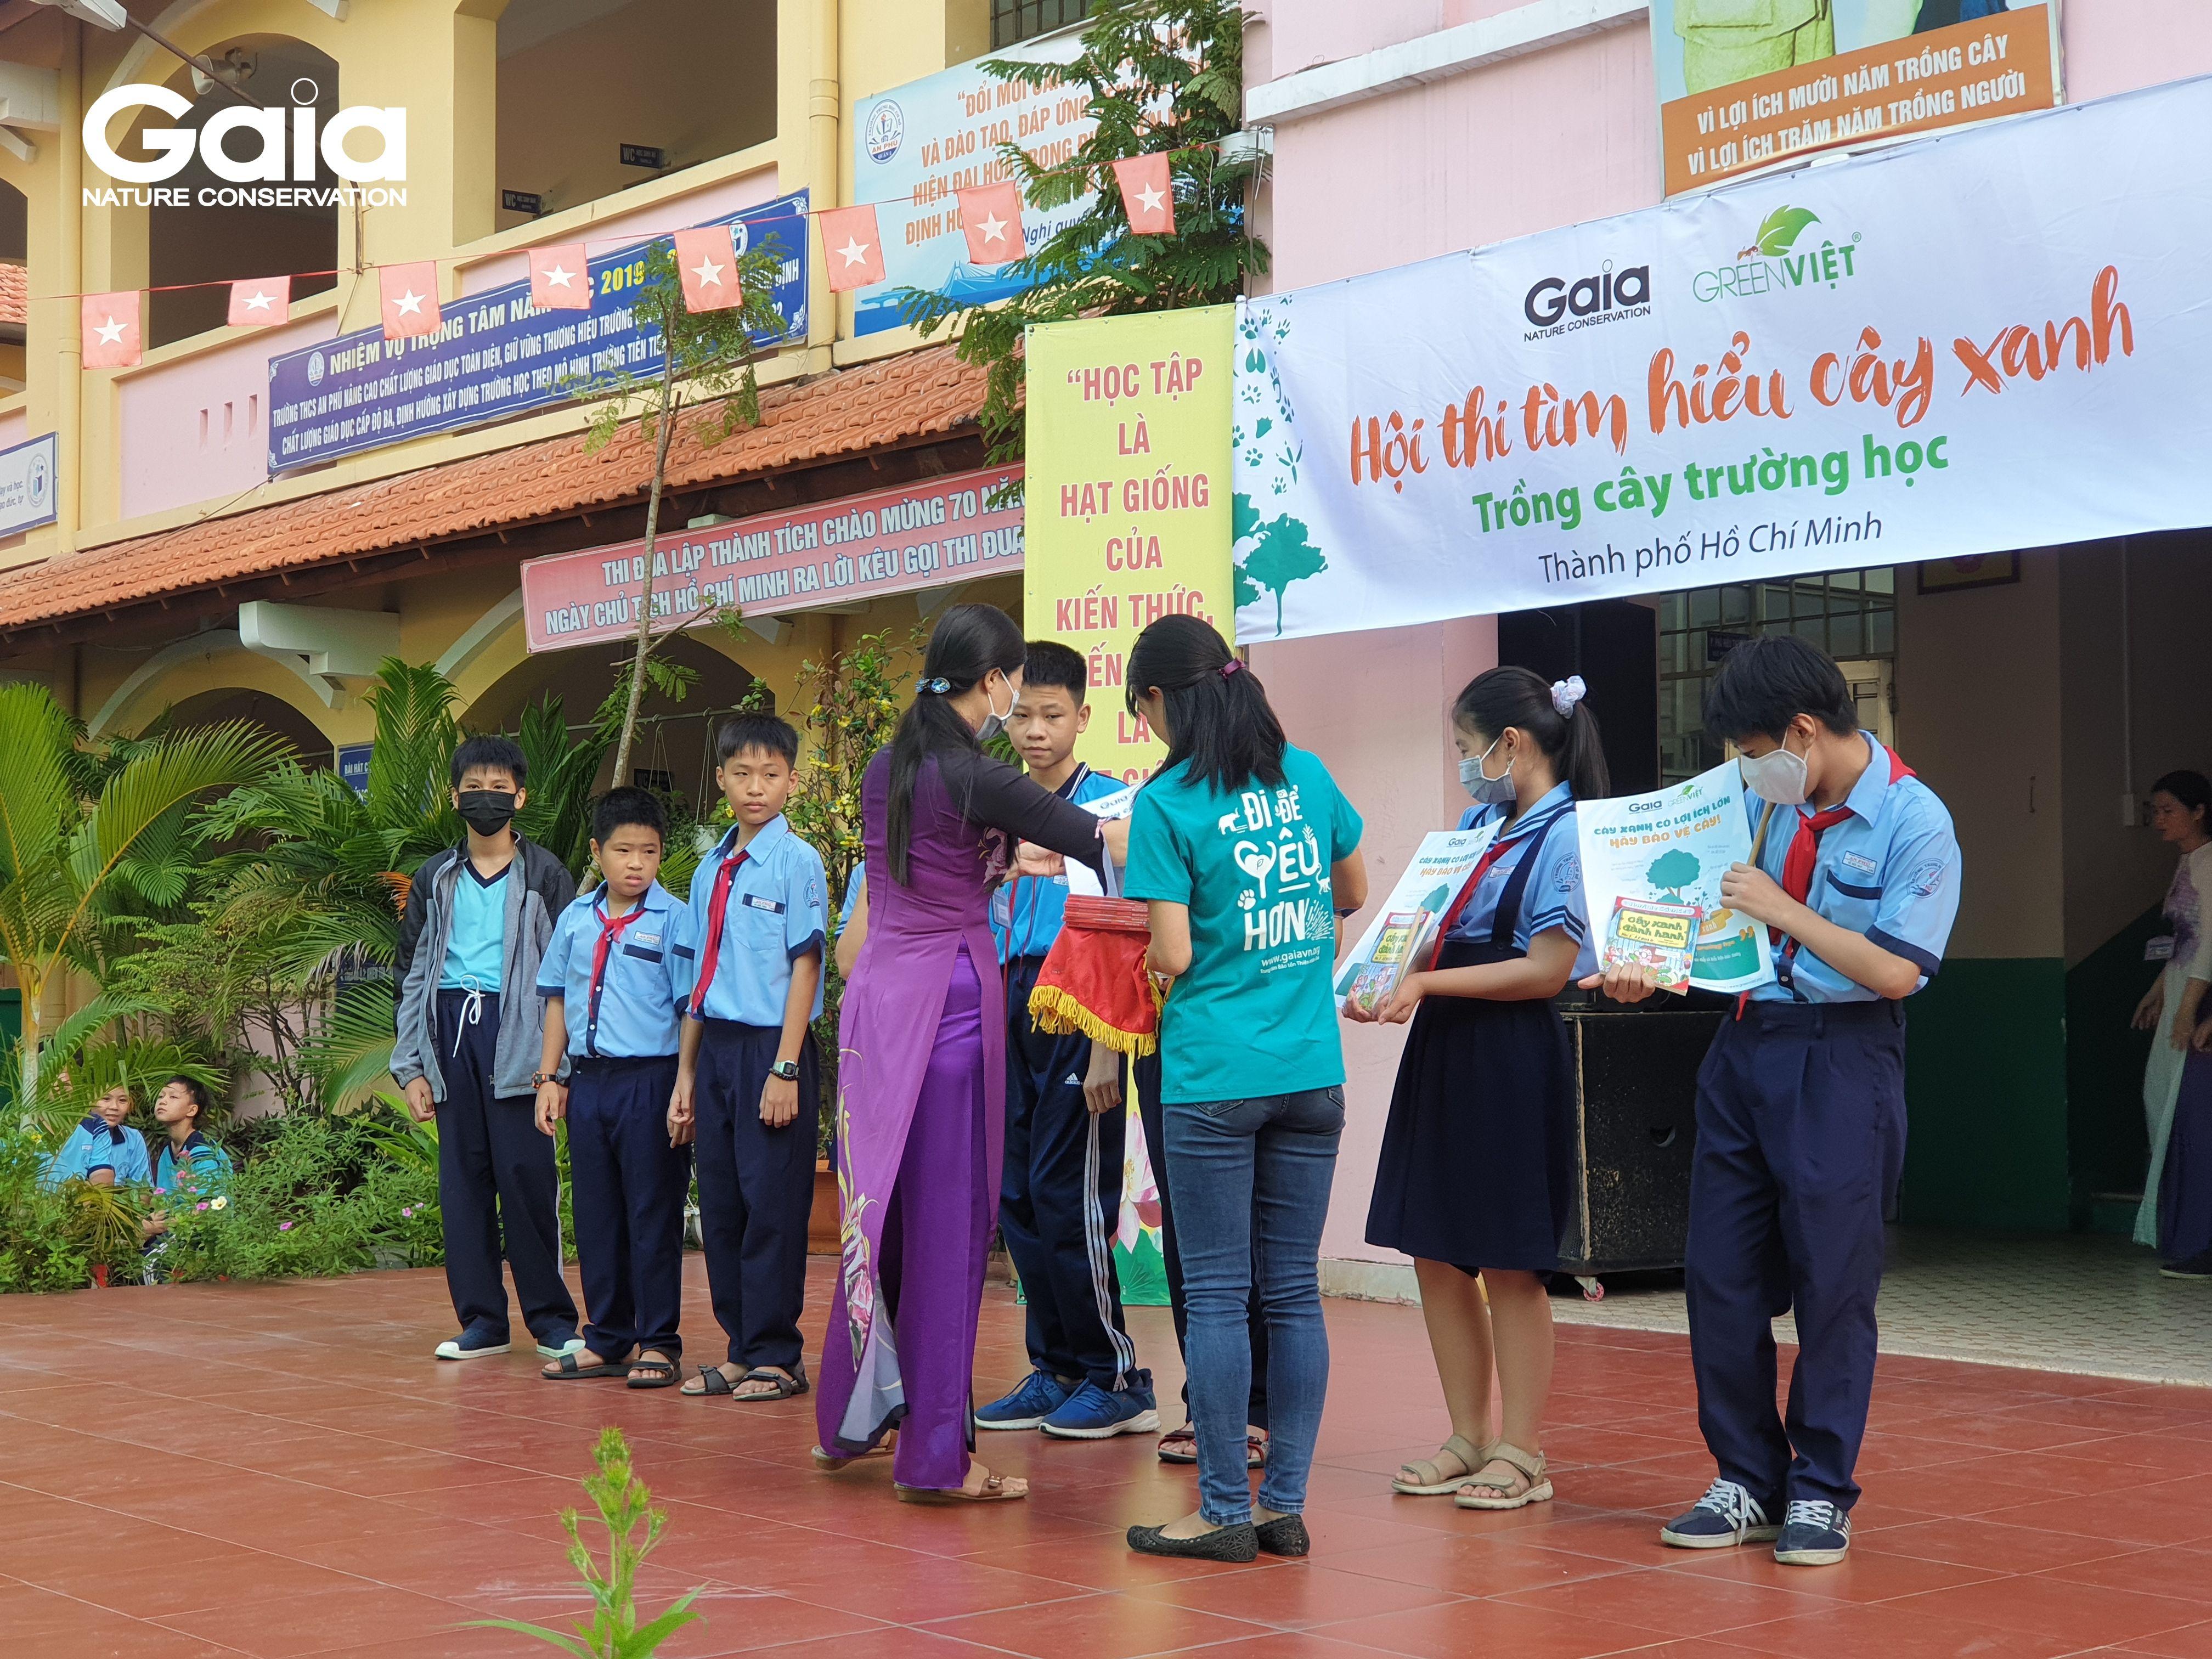 Cô Mai Thị Thu - Hiệu trưởng nhà trường đang phát quà cho các em học sinh đạt giải trong hội thi.